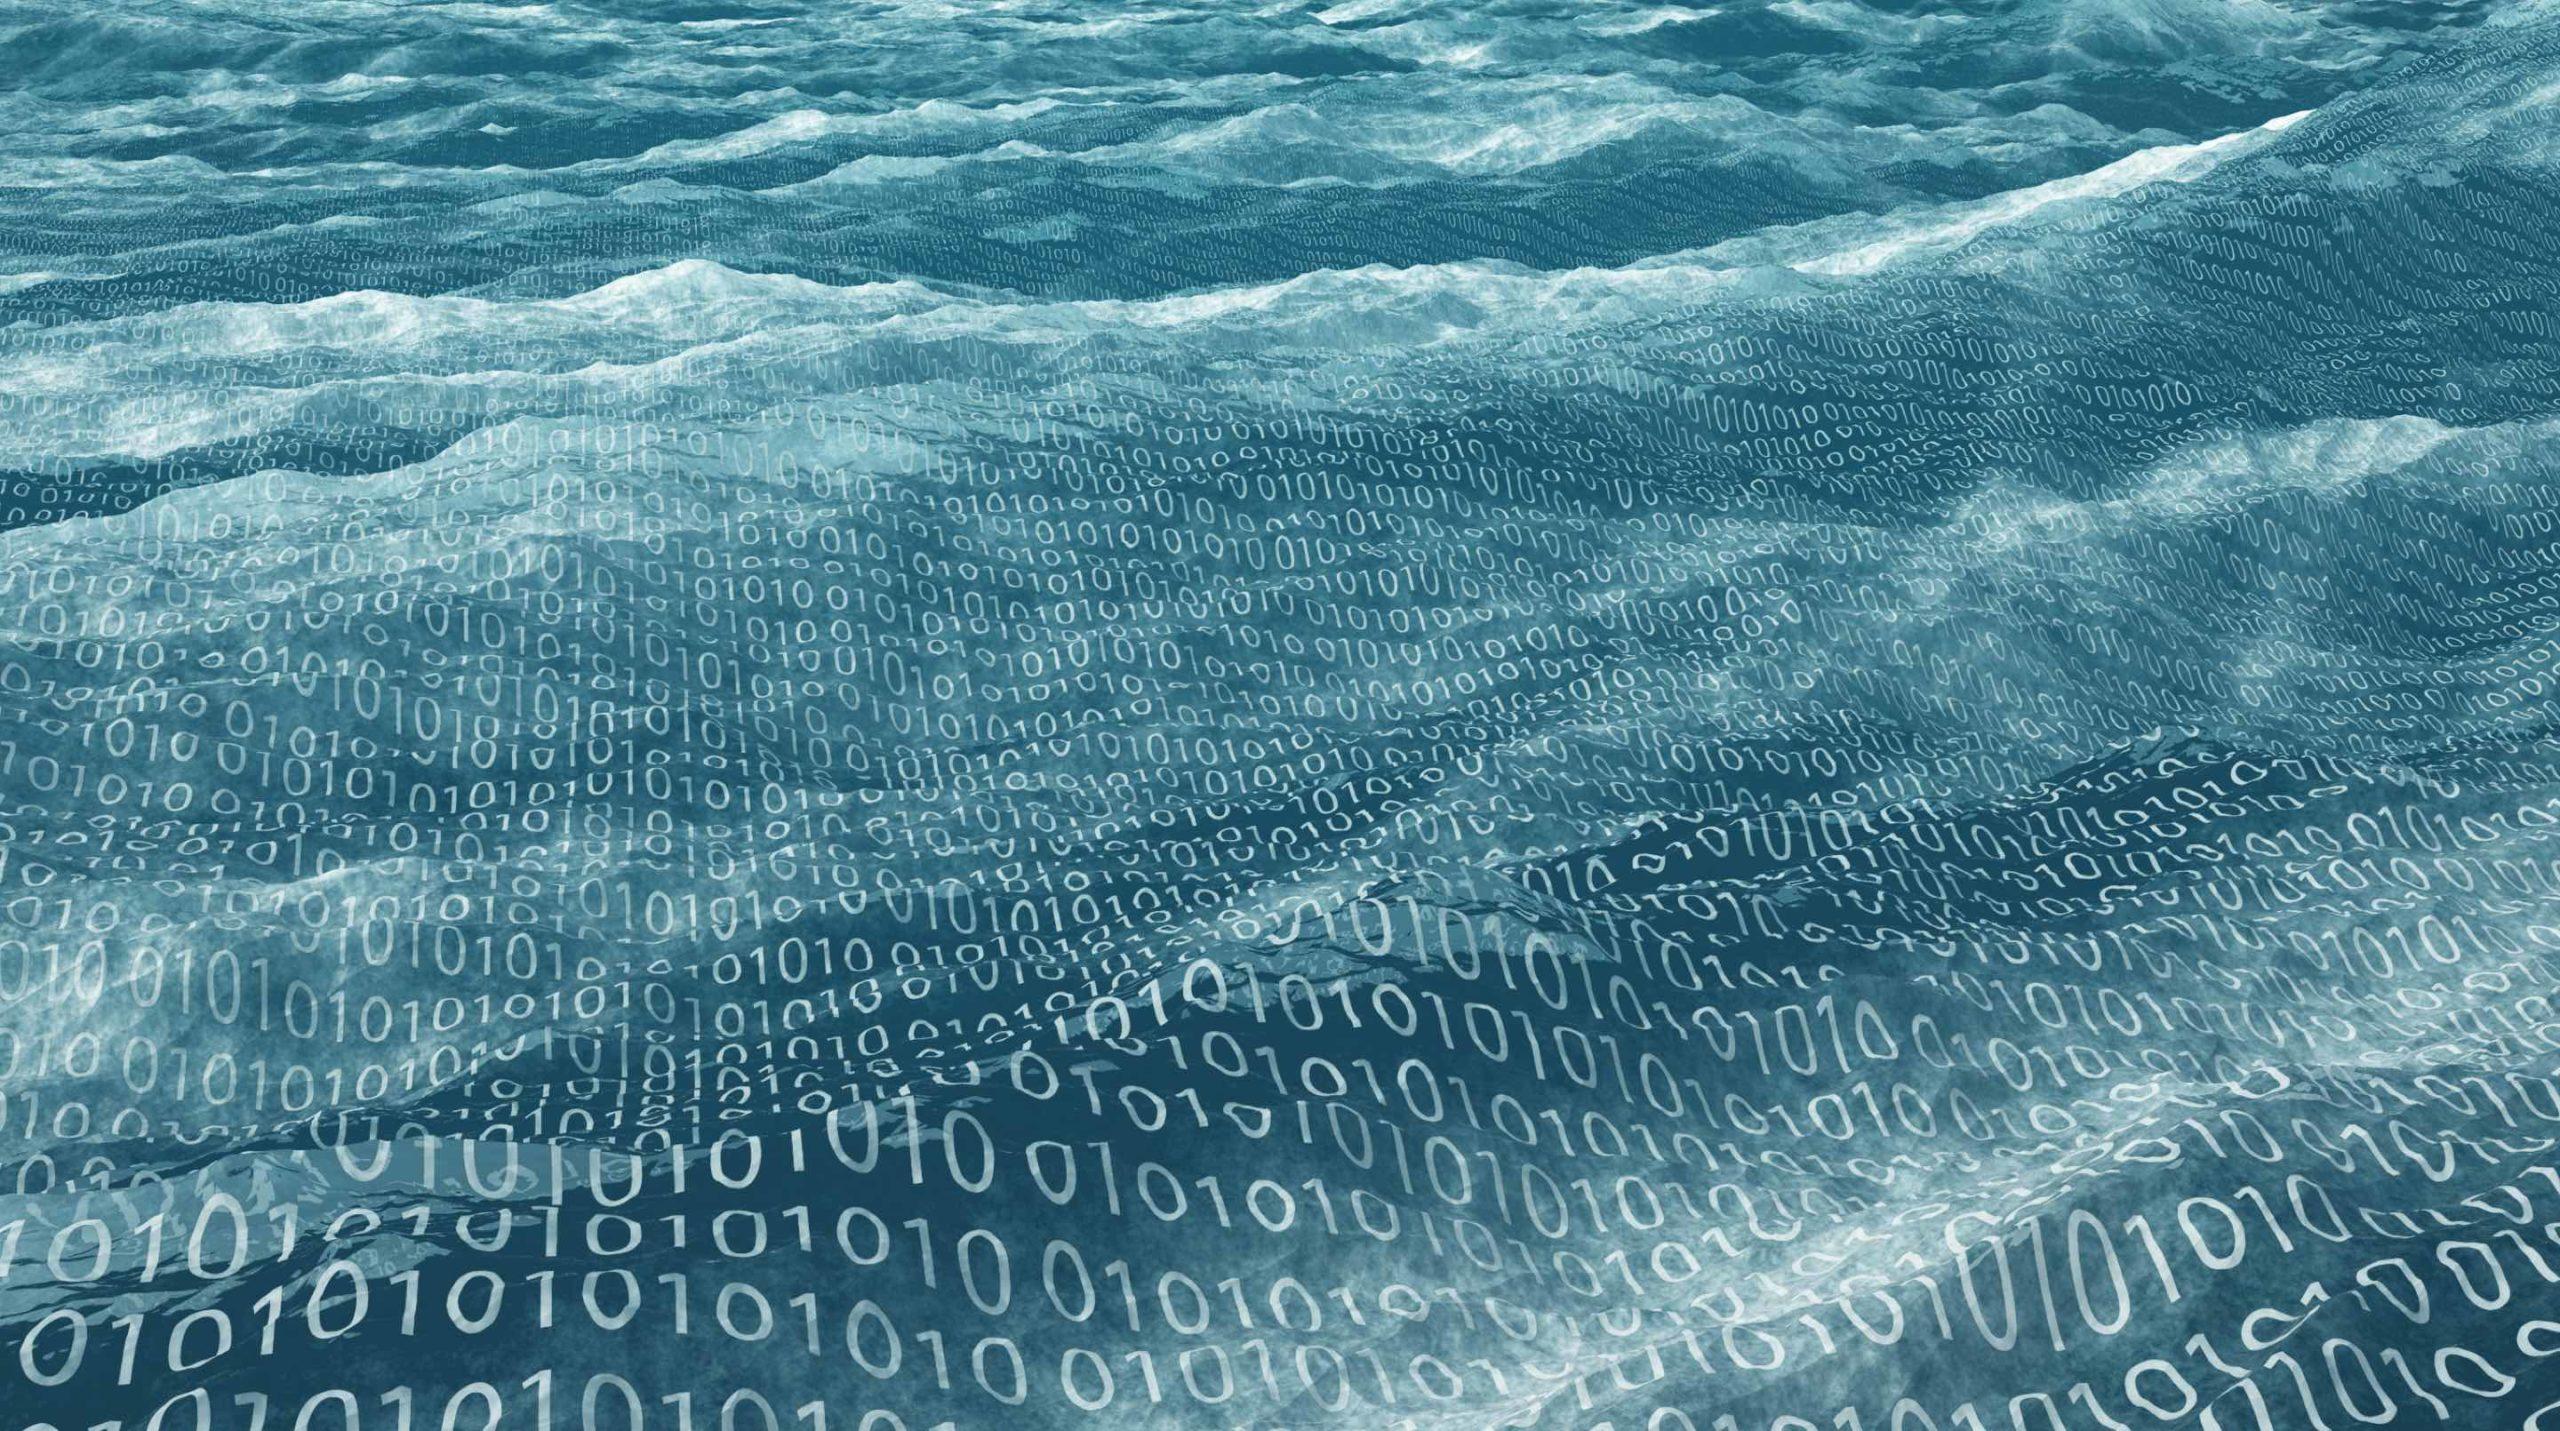 blog-banner-To-Data-Lake-or-Not-To-Data-Lake